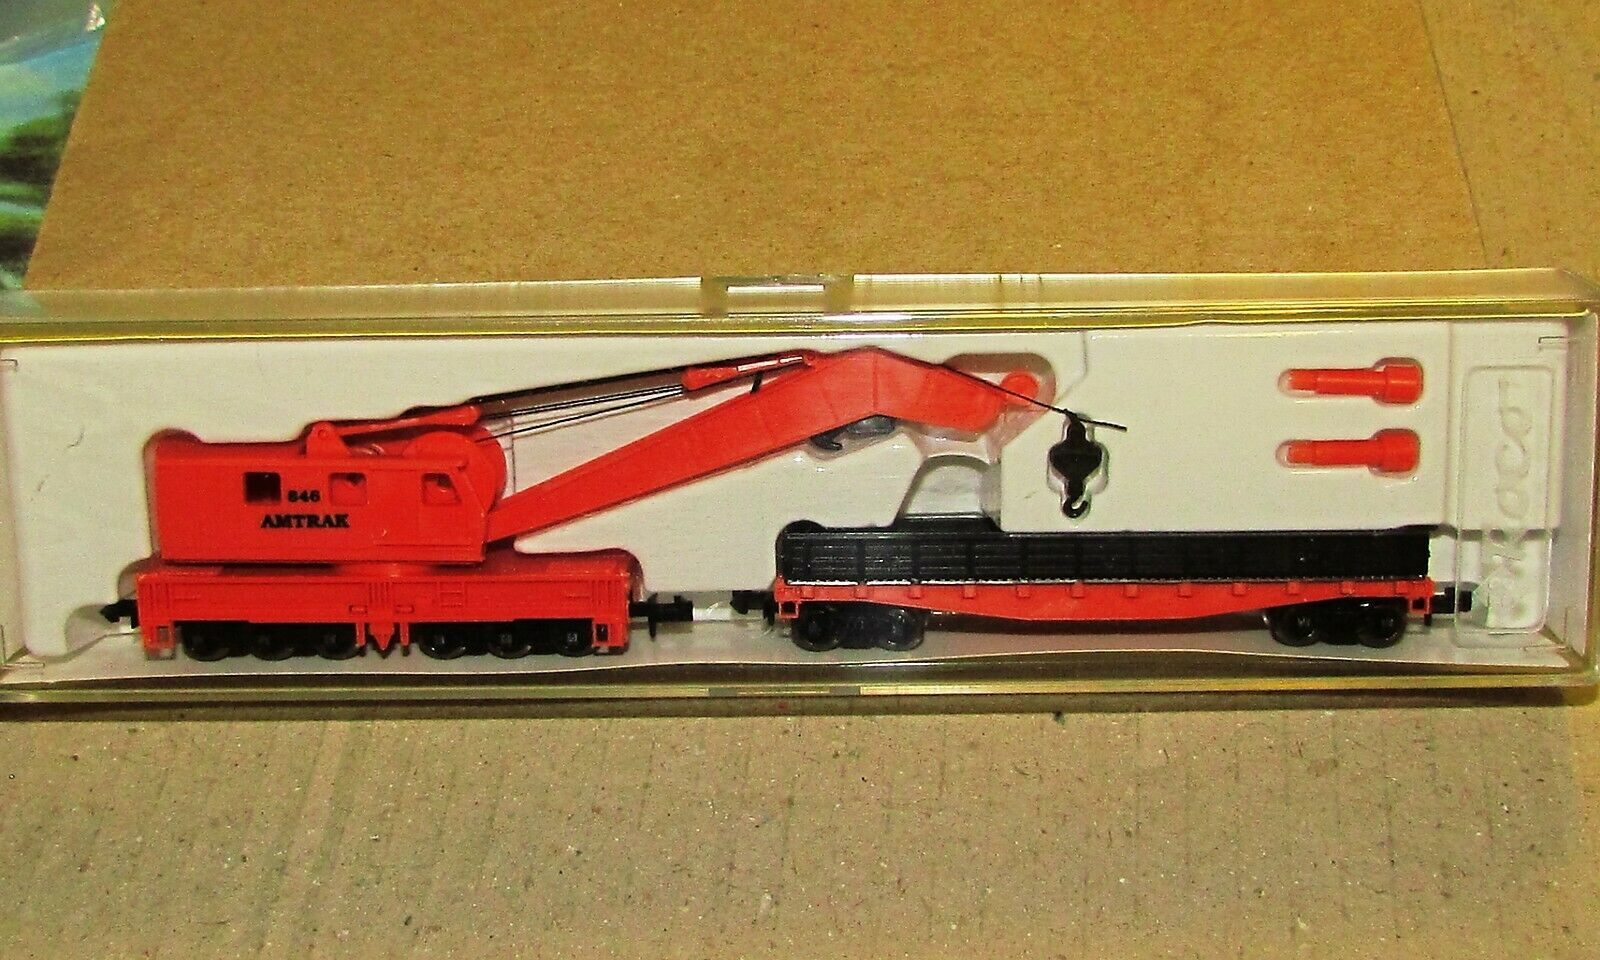 Model Power N Crane Car /& Work Car w//Metal Wheels Amtrak #846